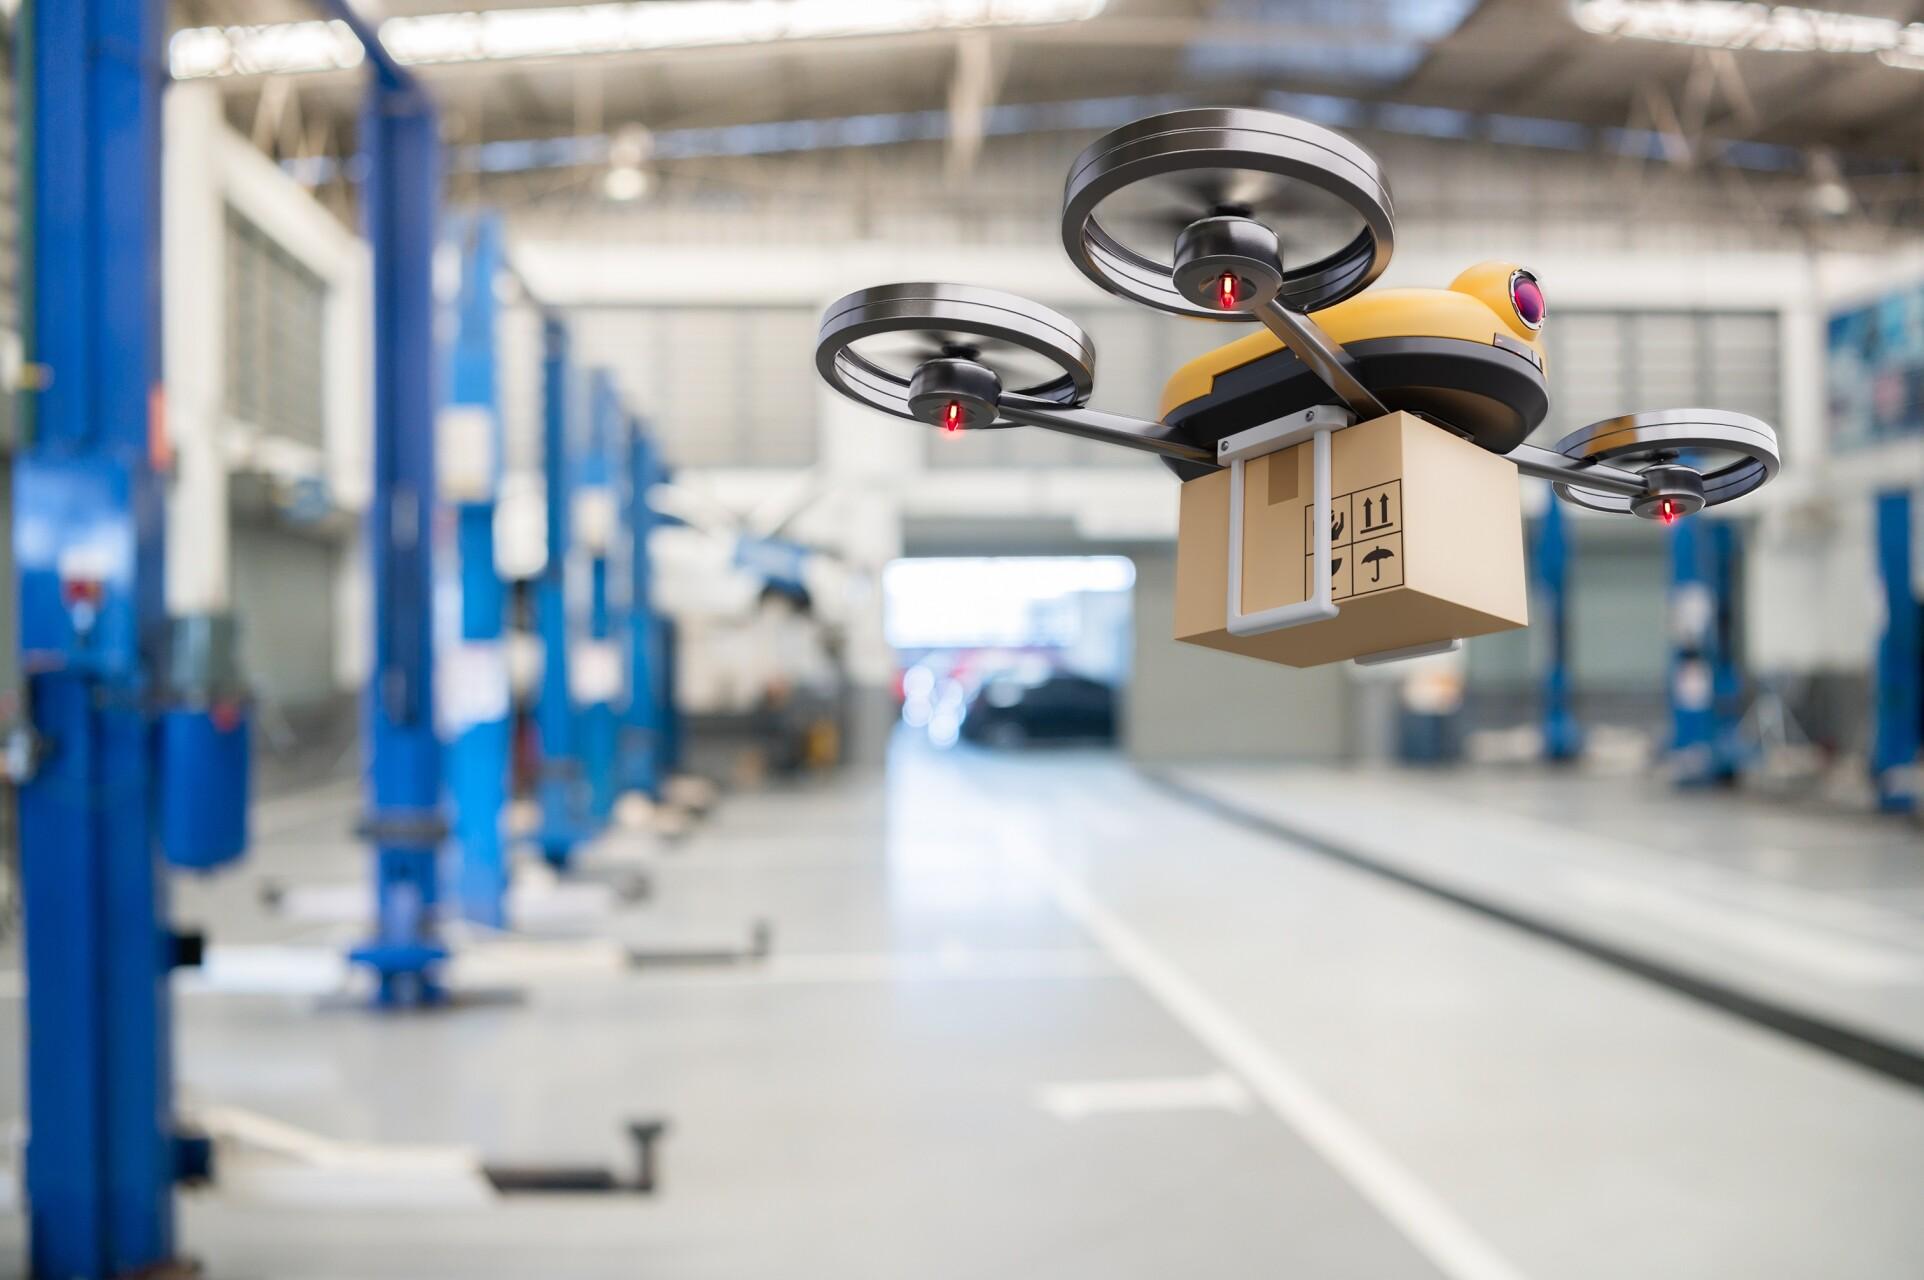 Poszukiwani producenci urządzeń do automatyzacji i transportu materiałów